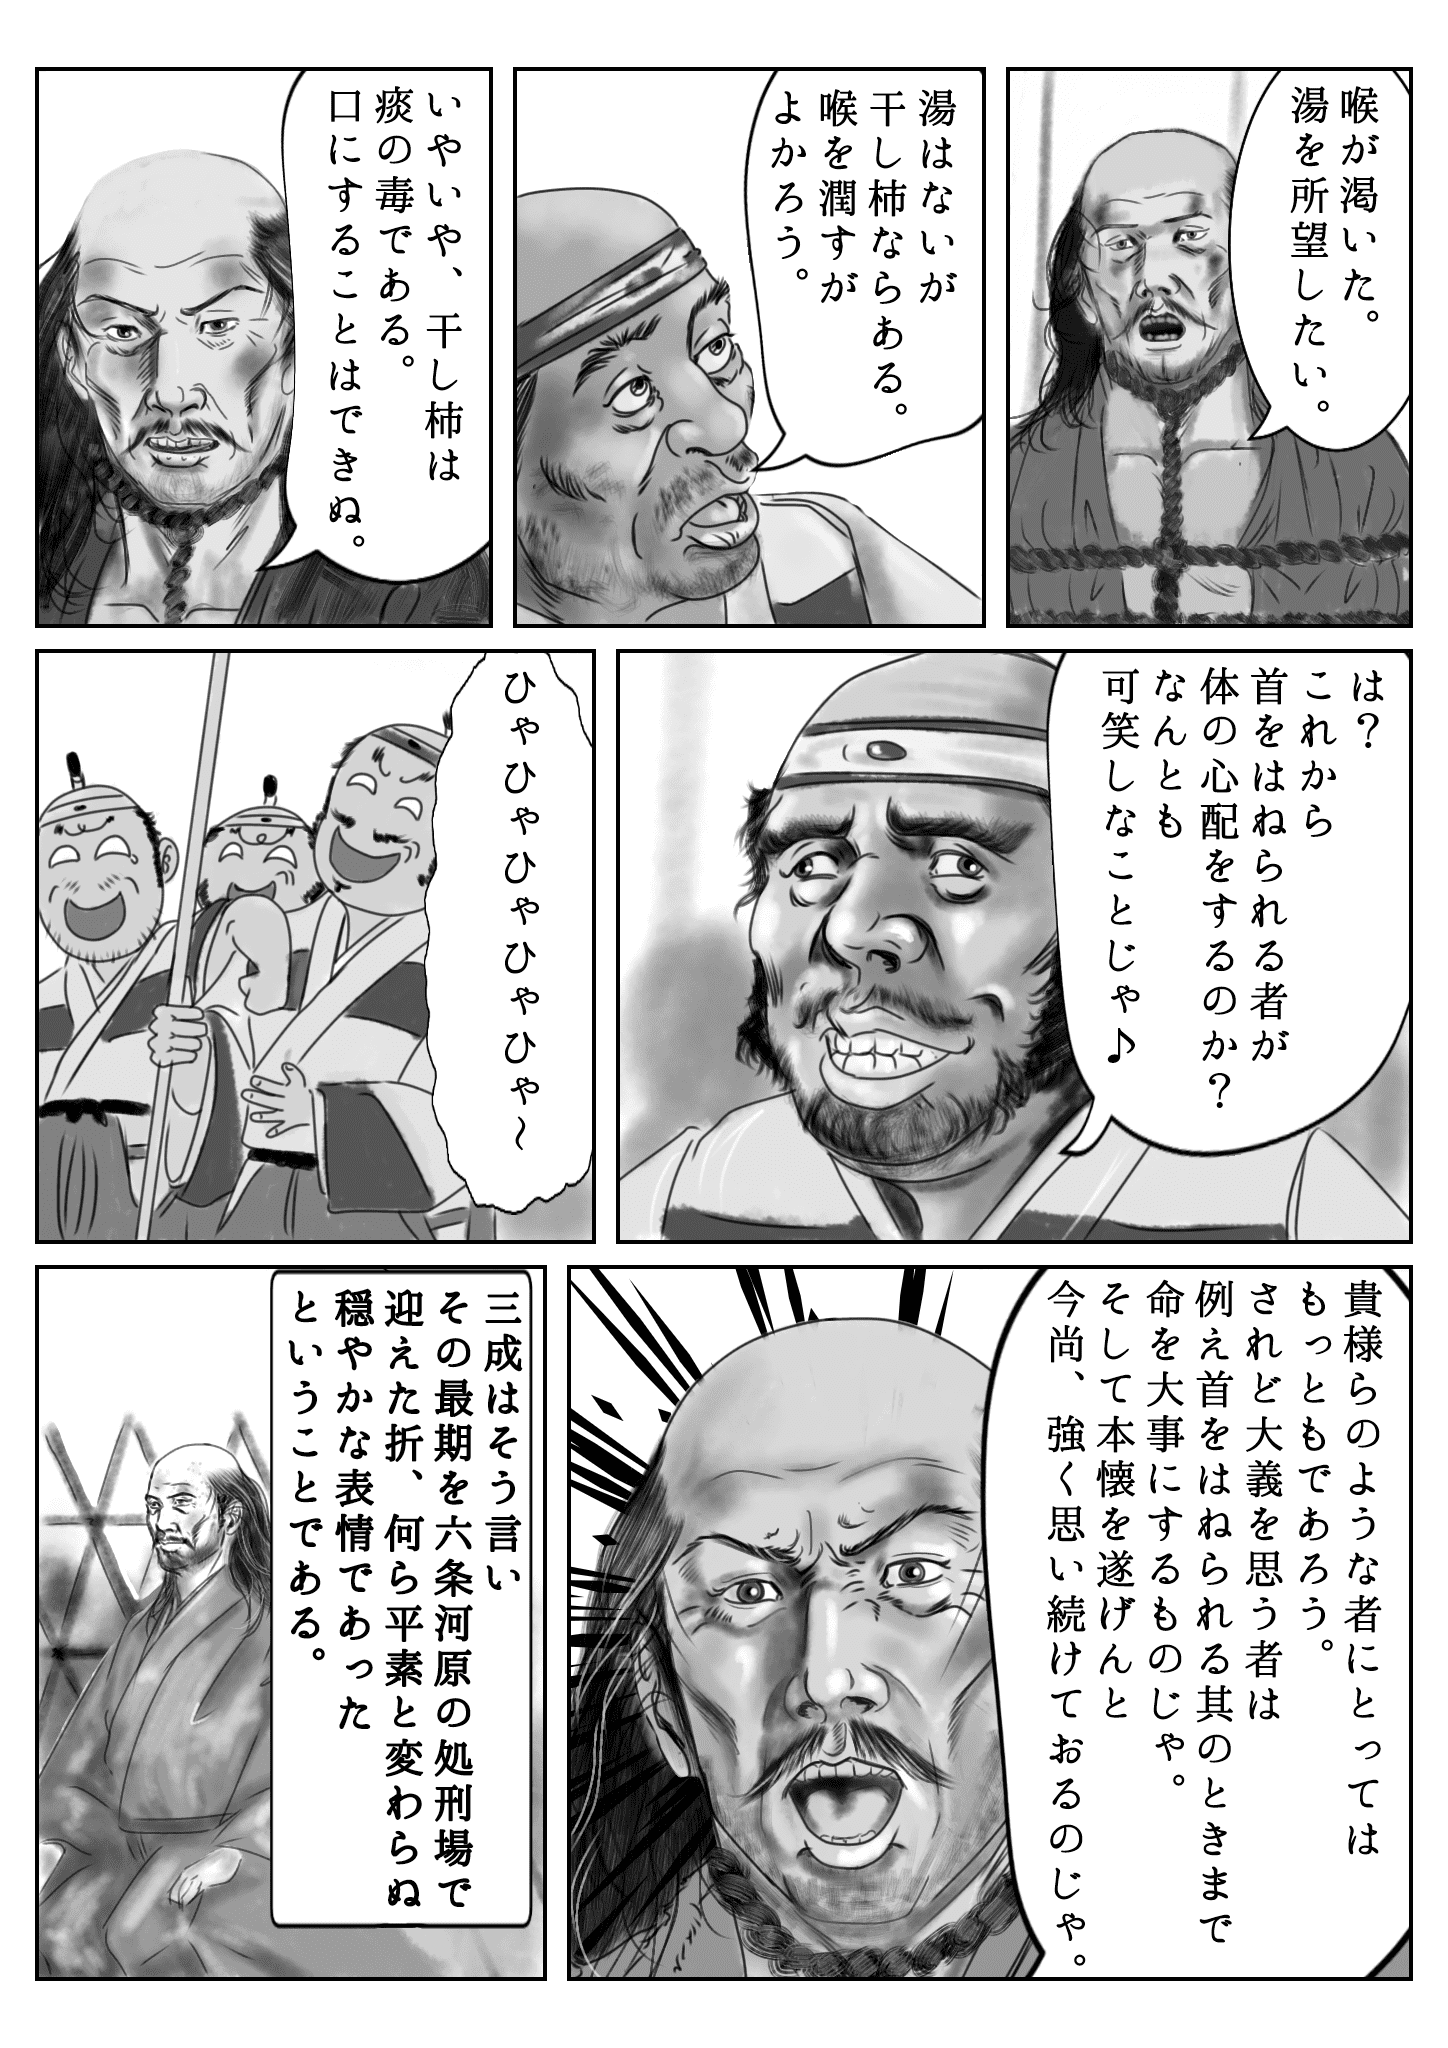 石田三成最期のとき 3ページ